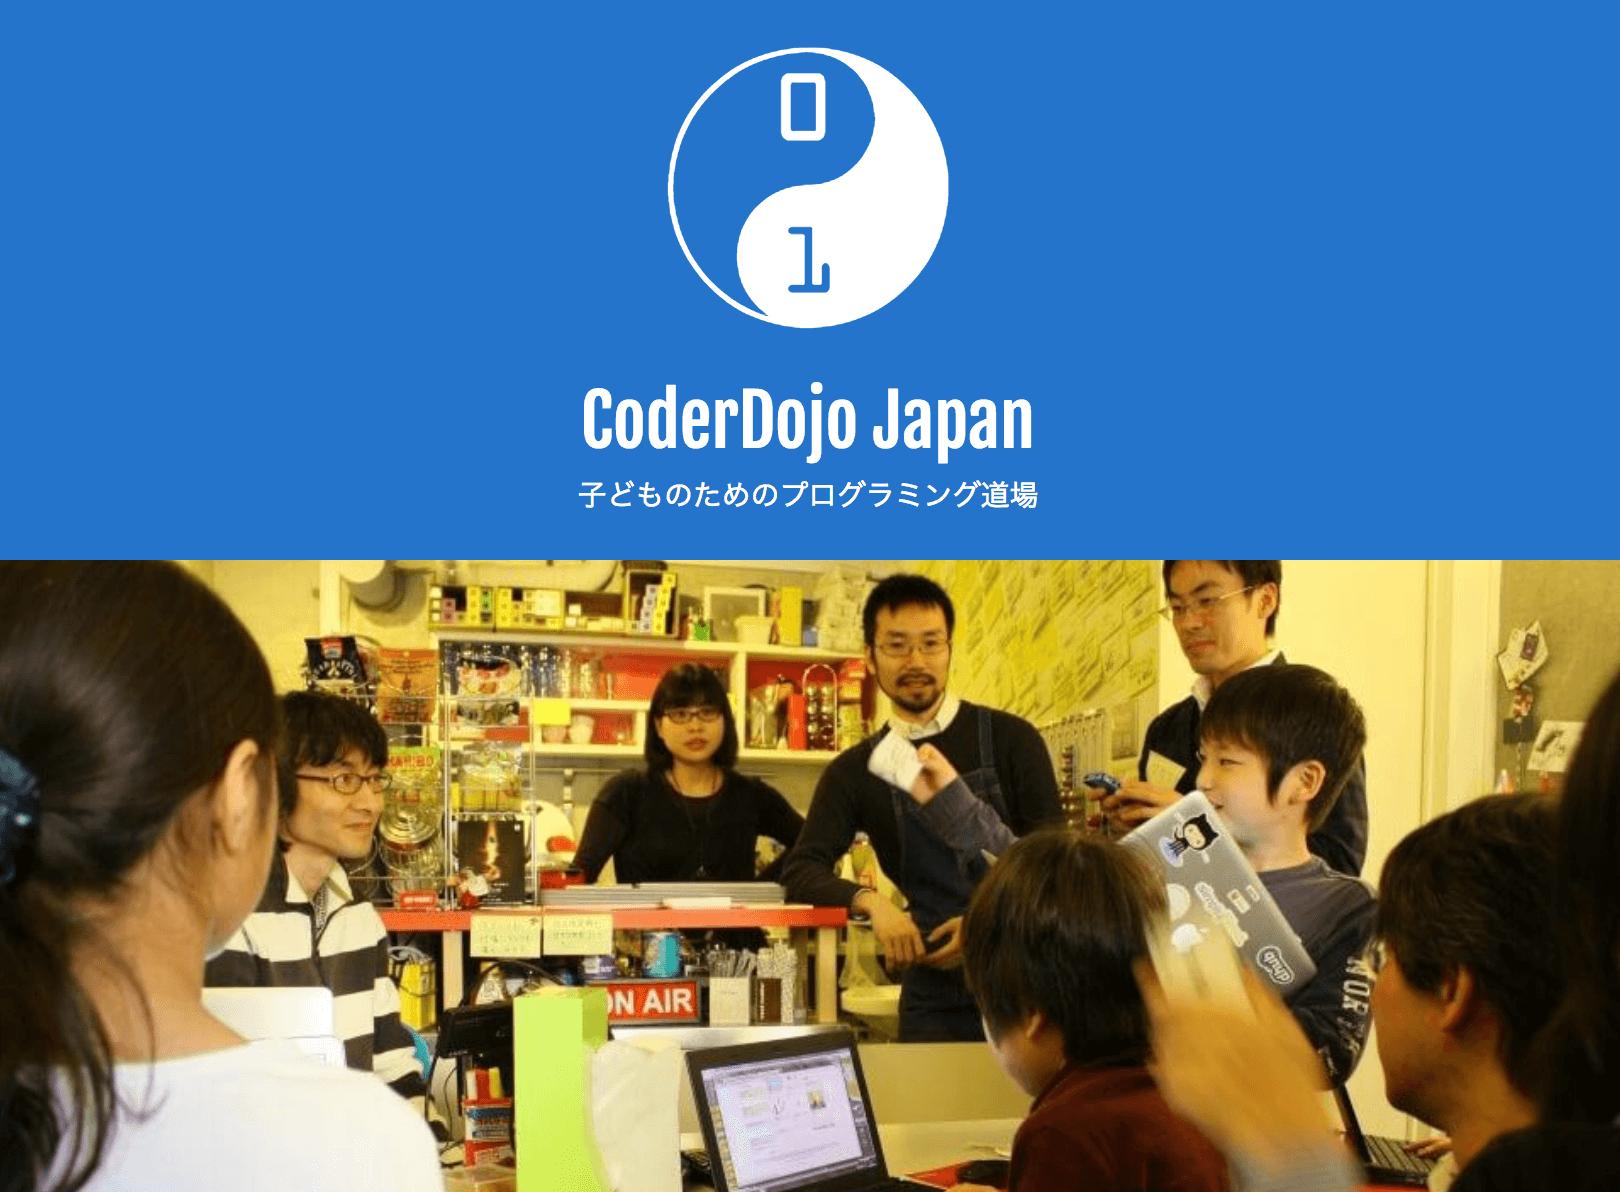 CoderDojo Japan cover photo